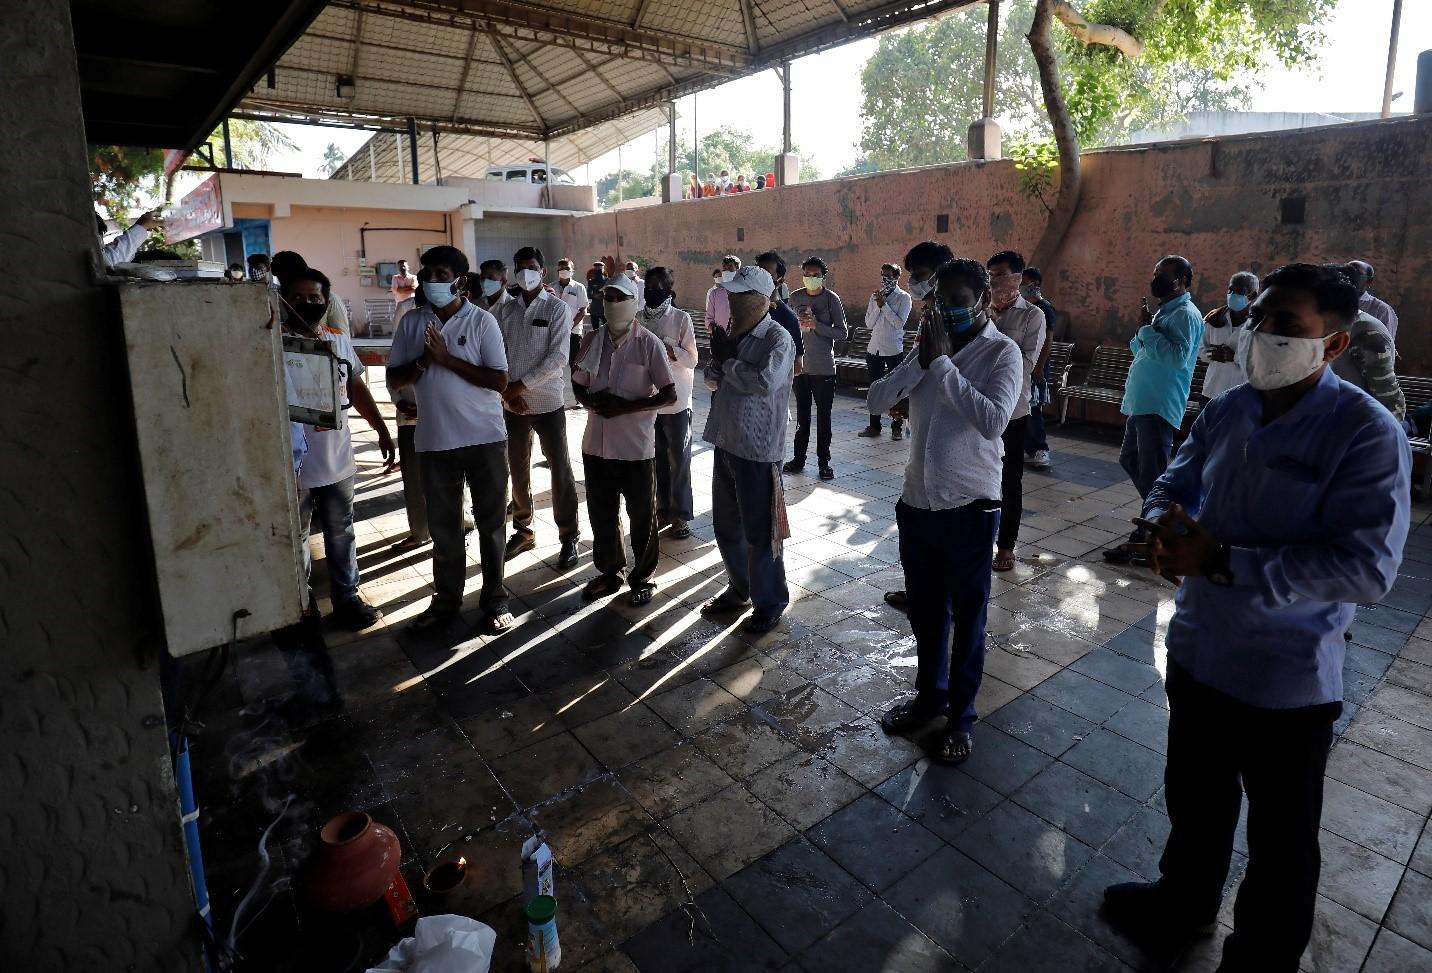 Số ca tử vong thực tế tại Ấn Độ cao hơn rất nhiều so với báo cáo chính thức - Ảnh 1.